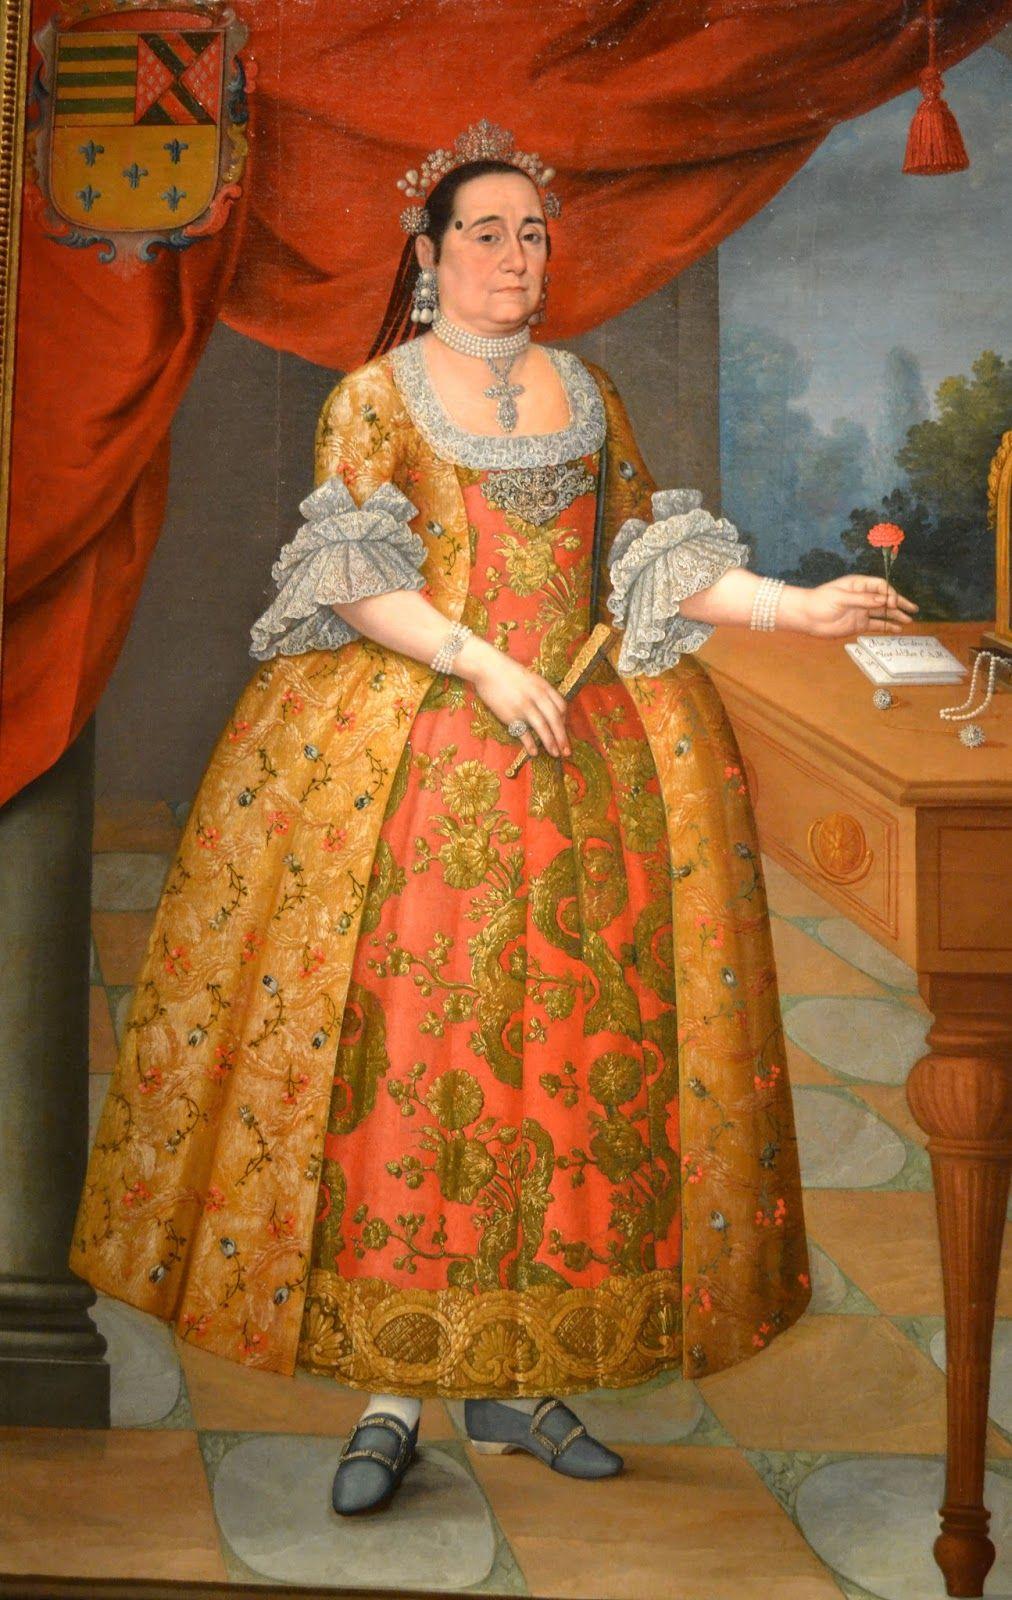 Dona Maria Rosa de Rivieria Cnndessa de la Vega del Ren